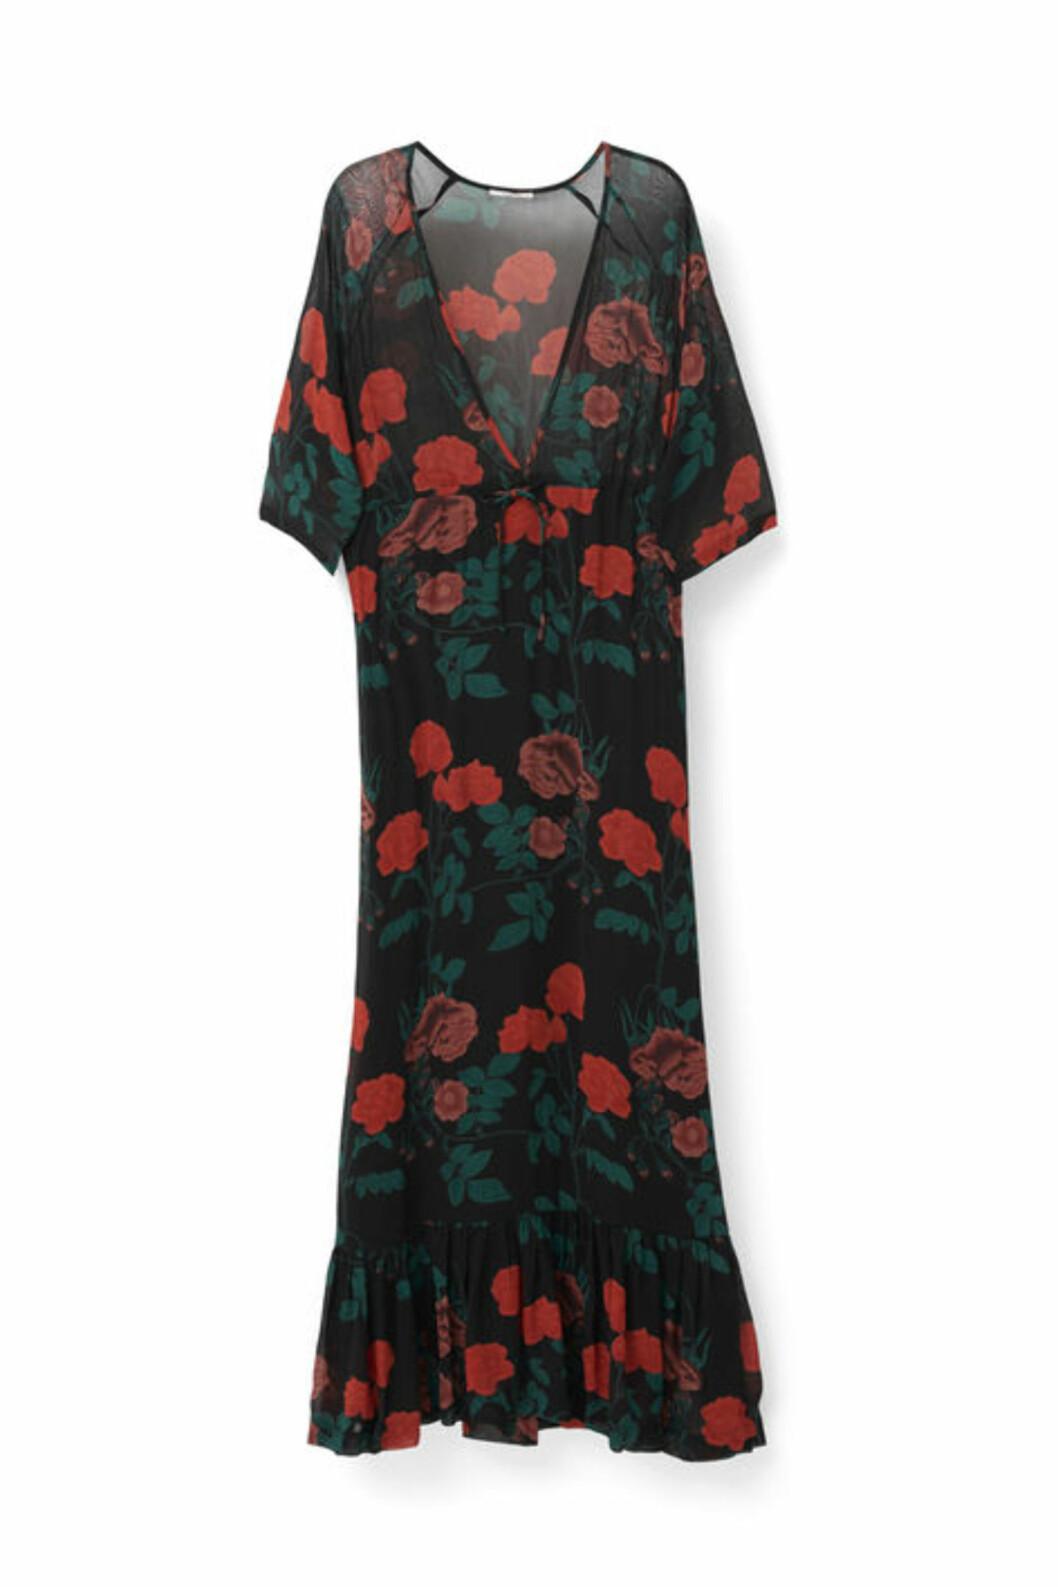 <strong>Kjole fra Ganni | kr 2099 | http:</strong>//www.ganni.com/shop/dresses/newman-georgette-maxi-dress/F1660.html?dwvar_F1660_color=Black#page=0-8&start=8